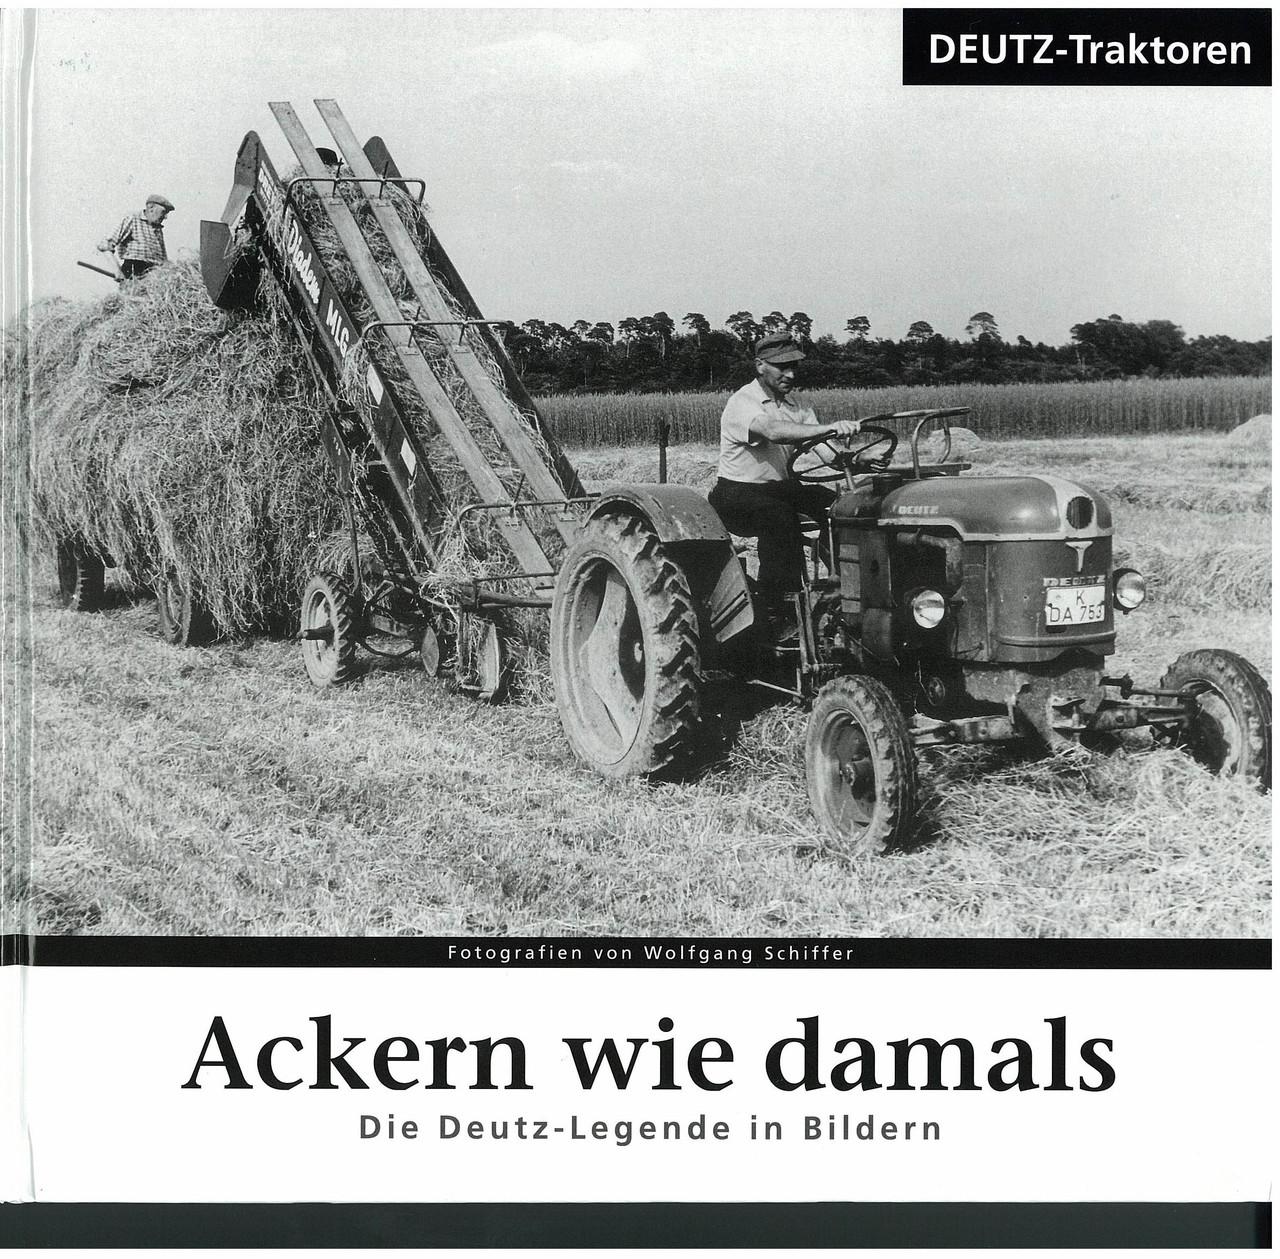 SCHIFFER Wolgang, ACKERN WIE DAMALS - Die Deutz - Legende in Bildern, Munster, Landwirtschaftsverlag Gmbh, 2006